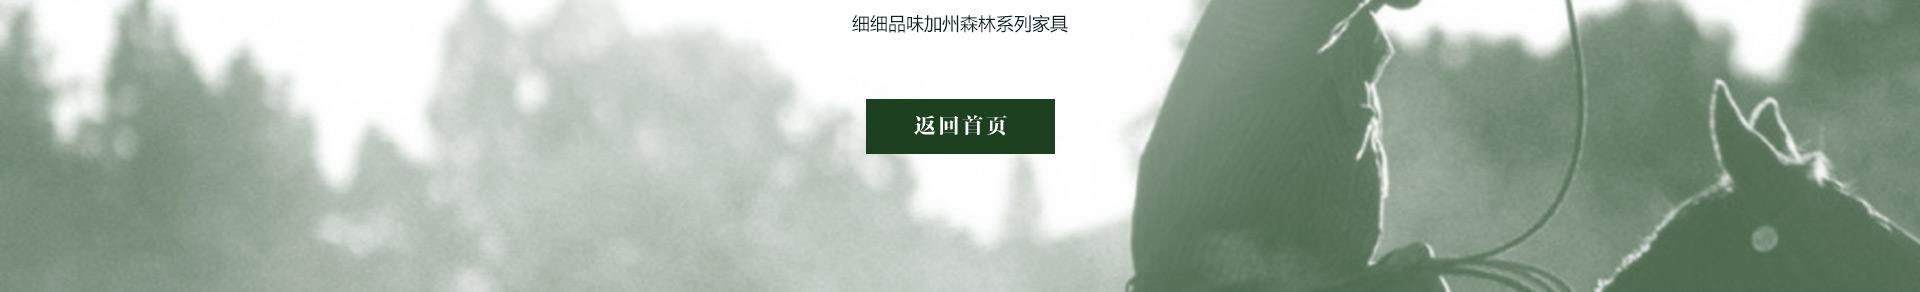 亿博福彩app下载家具 加州森林系列实木家具(新品上市)